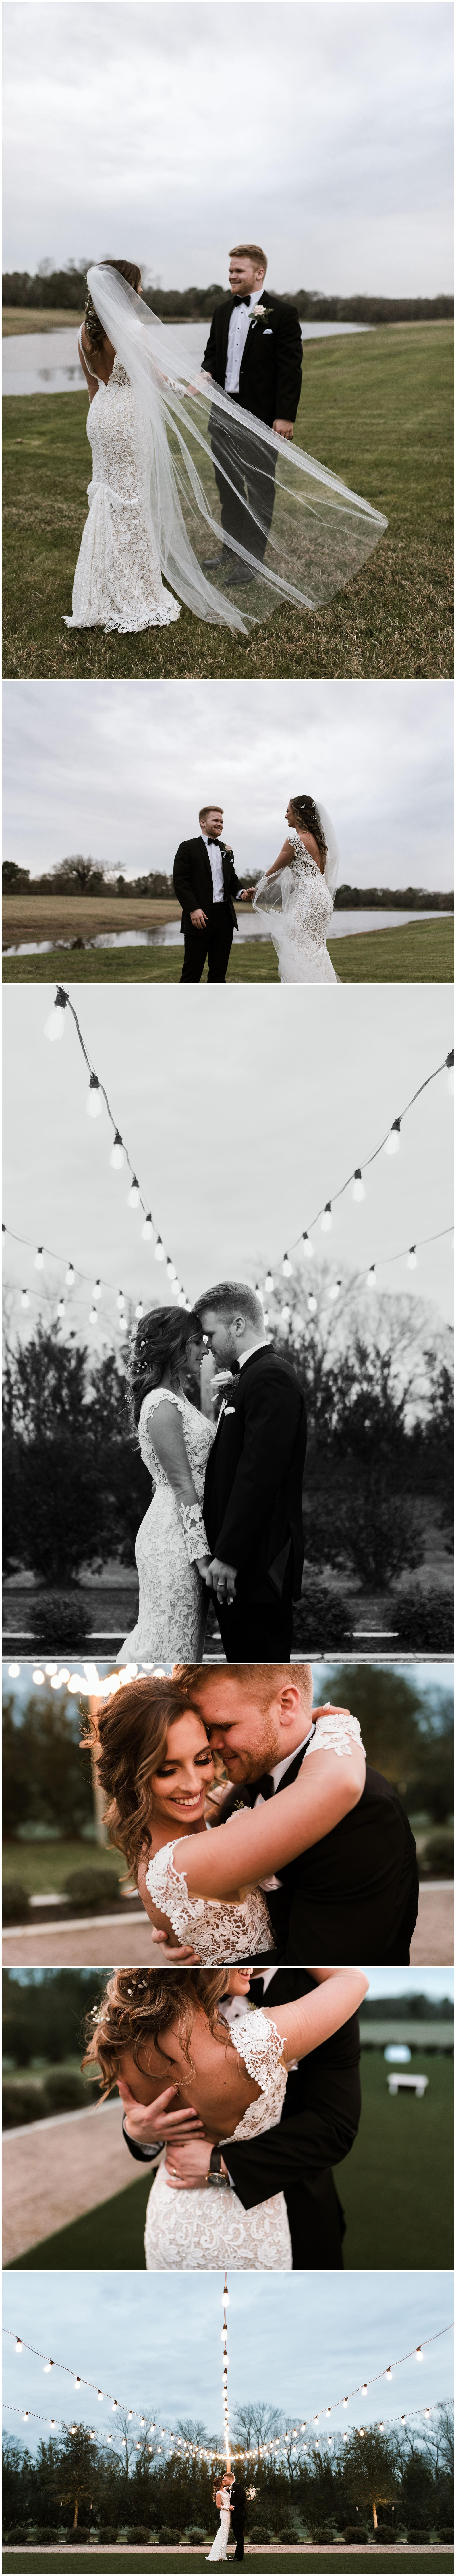 The Farmhouse Wedding | Fort Worth Wedding Photographer | Dallas Wedding Photographer | www.jordanmitchellphotography.com